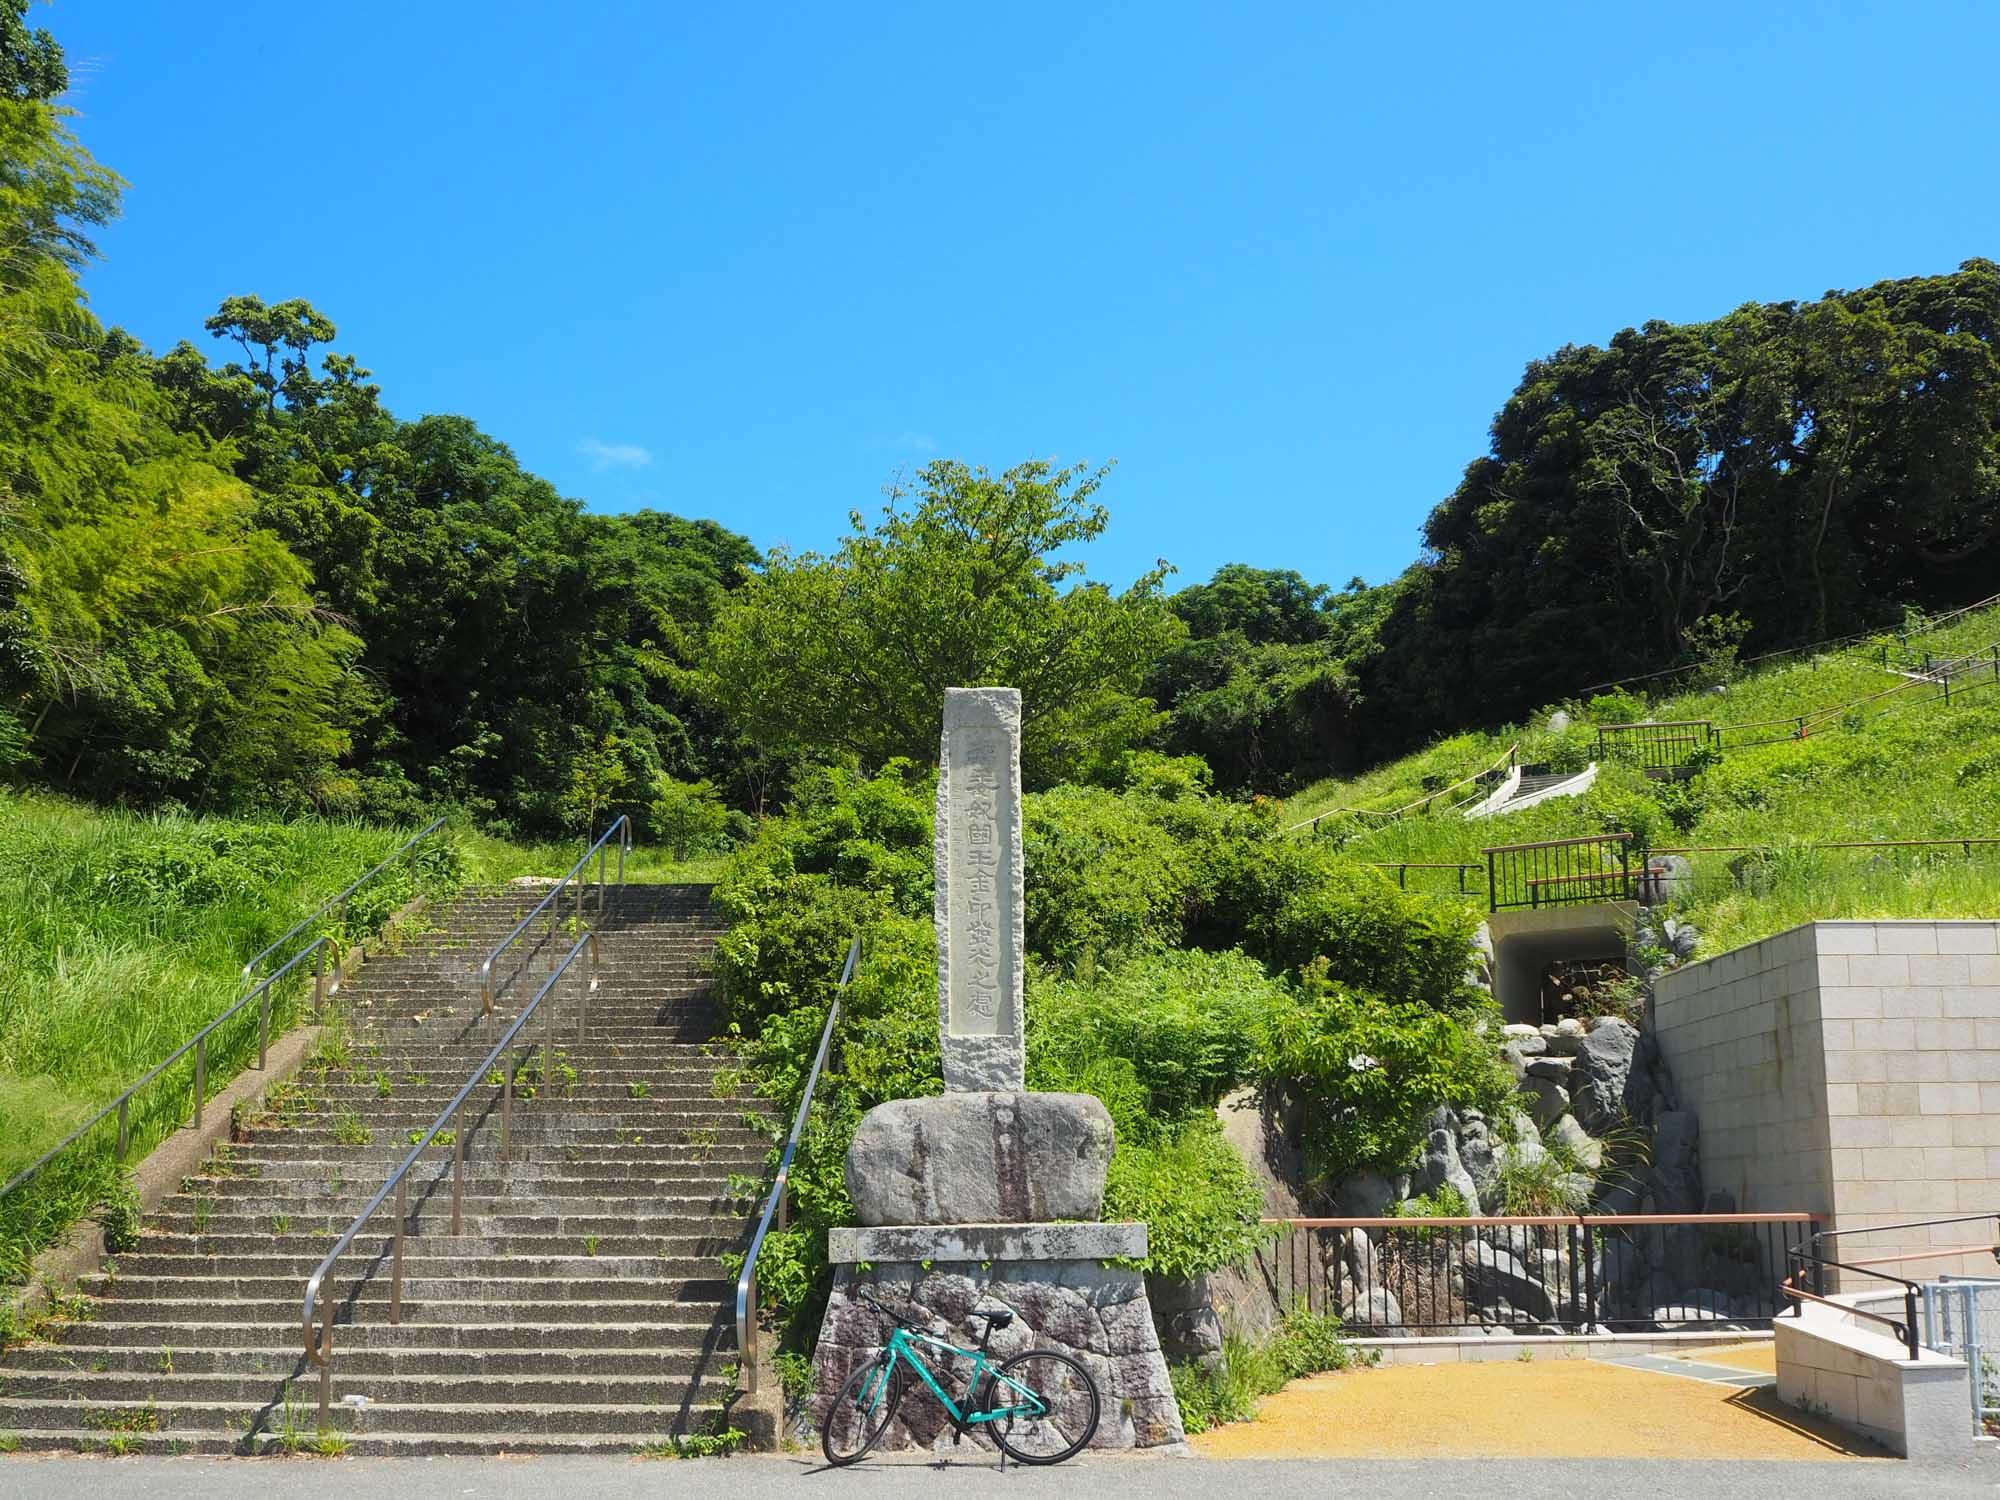 1.5kmほど進むと「漢委奴国王金印発光之処」と書かれた石碑が見えてきます。